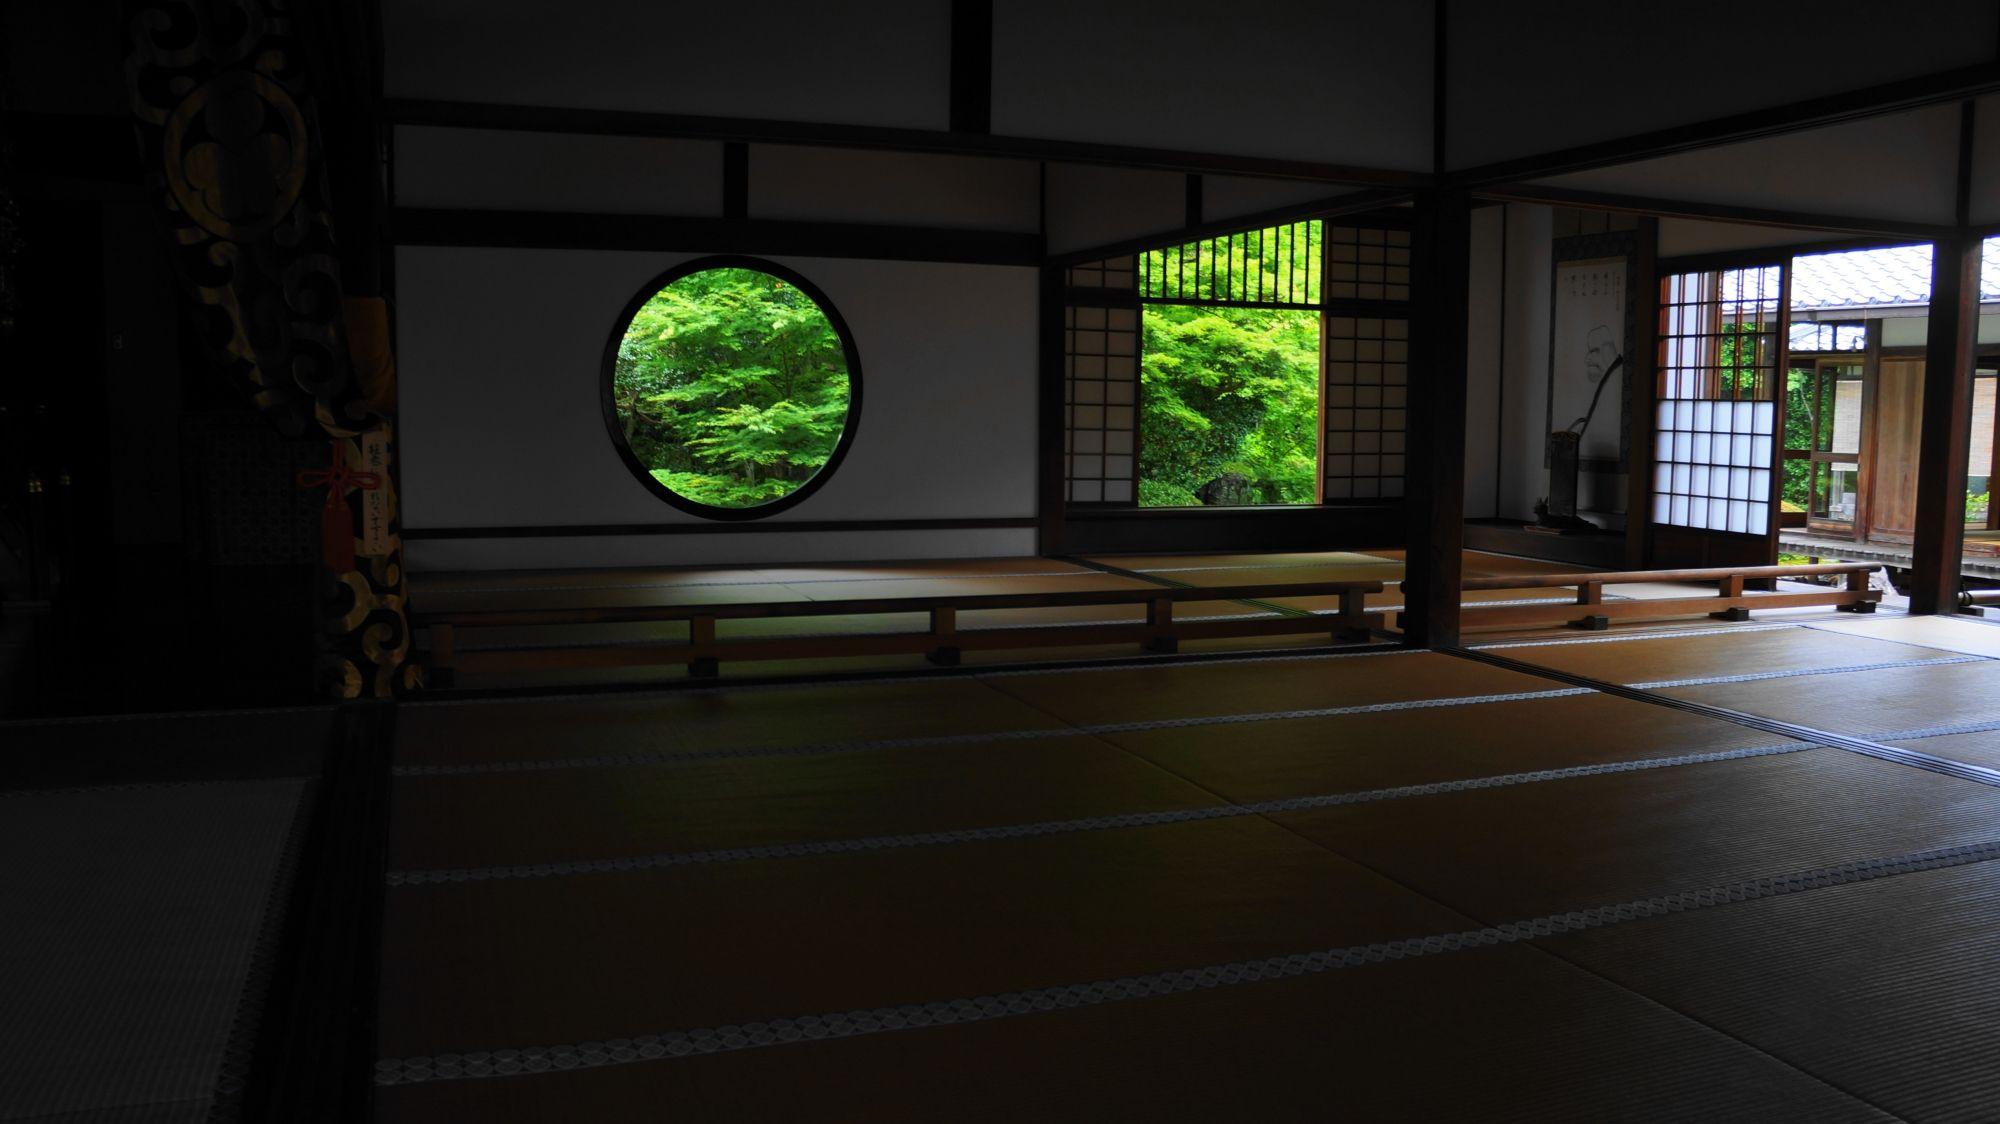 京都 源光庵 青もみじと新緑 悟りの窓と迷いの窓 窓 京都 京都 写真